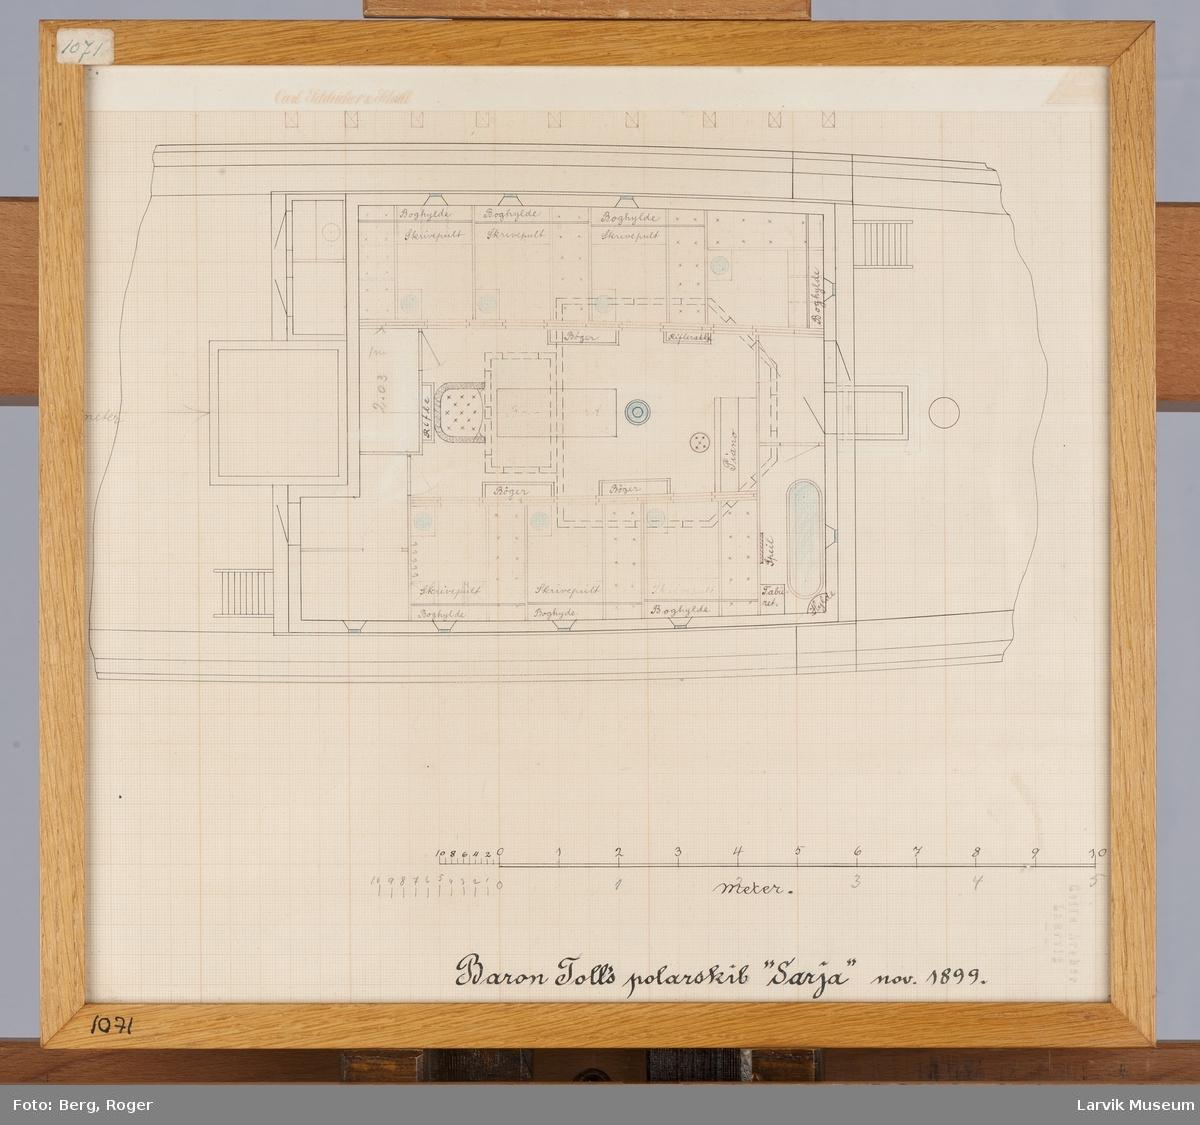 """Interiørtegning Baron Toll's polarskib """"Sarja"""" nov. 1899."""